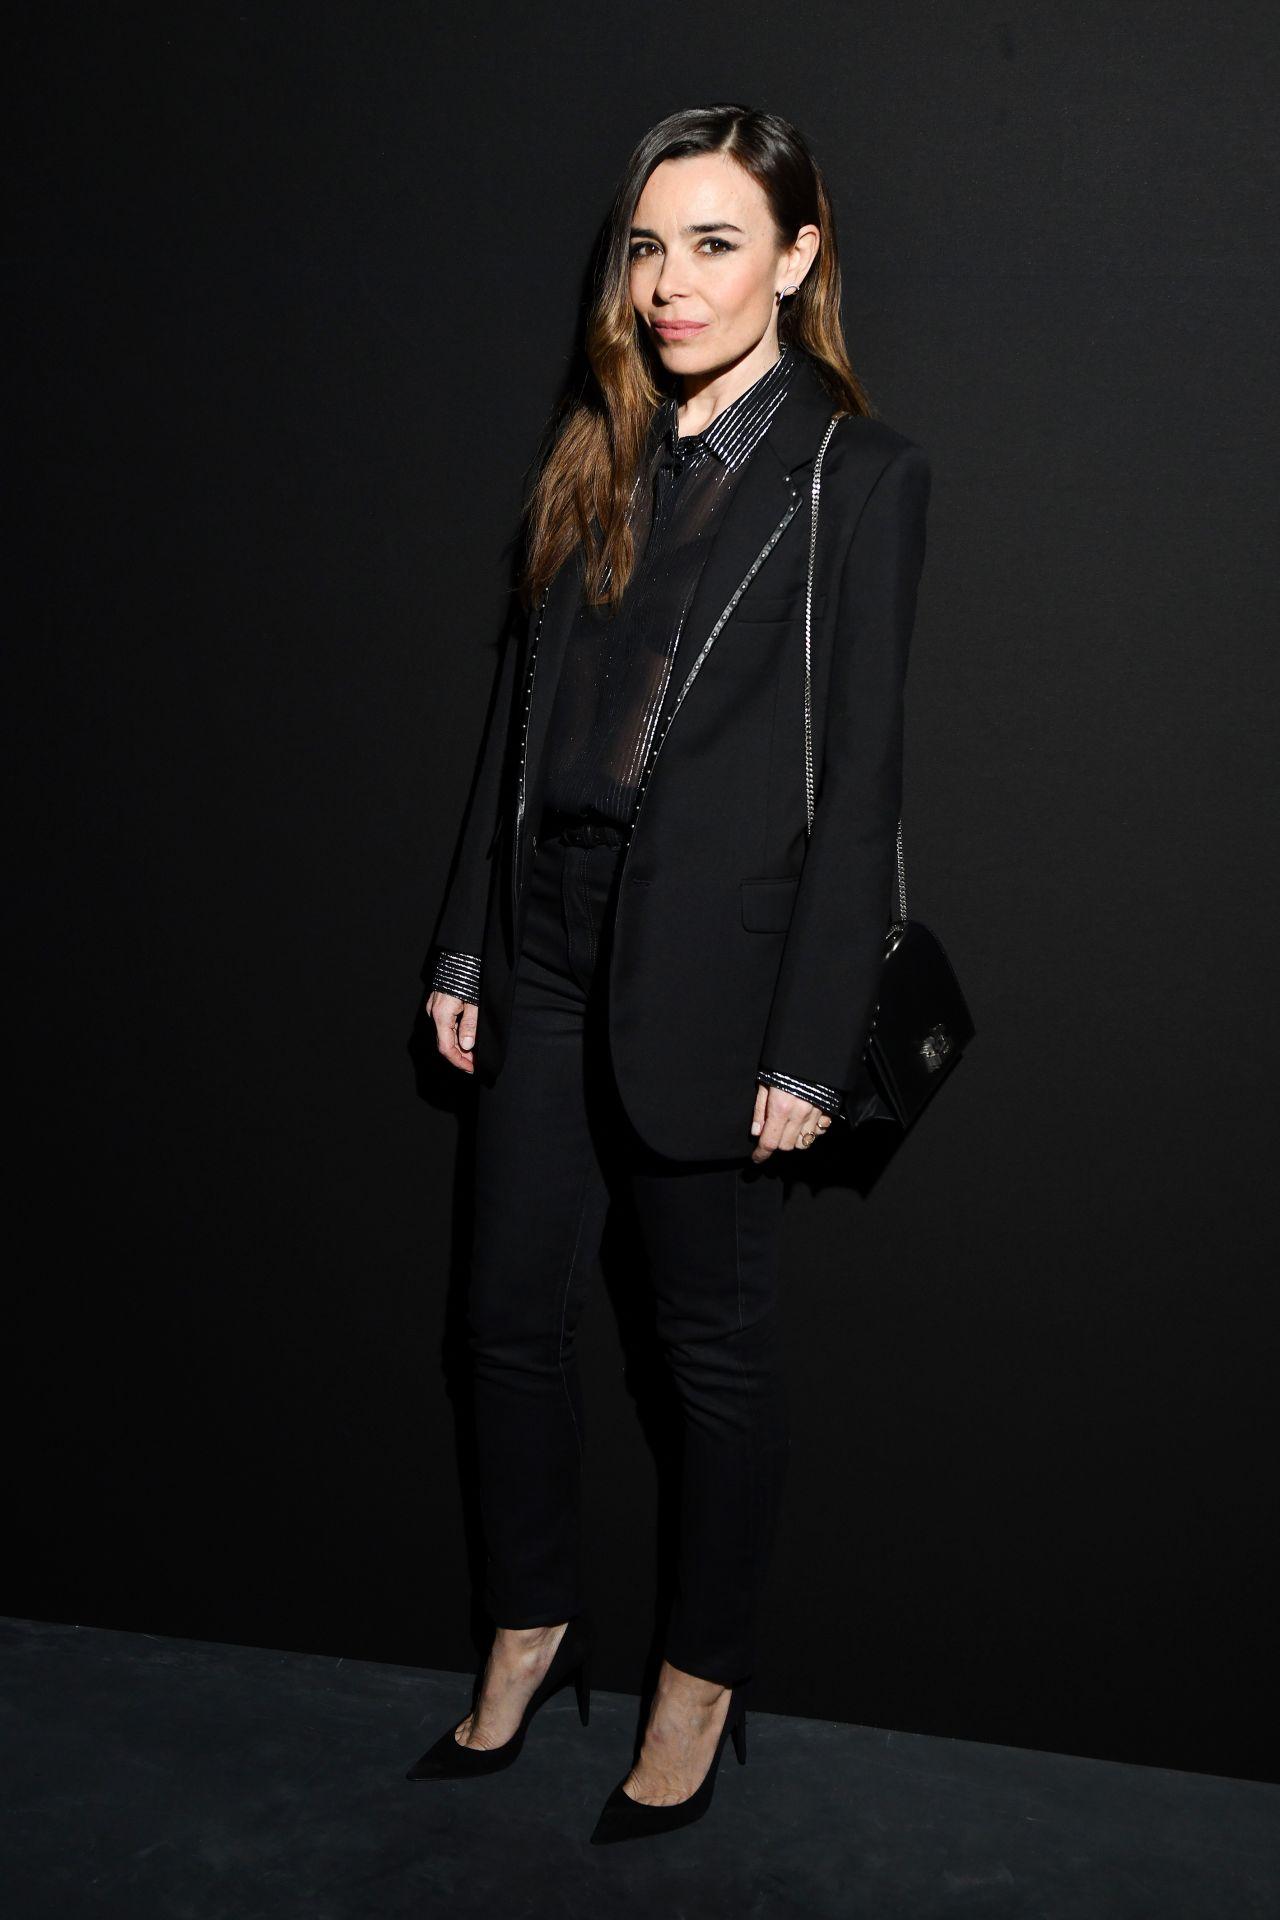 elodie bouchez saint laurent fashion show in paris 02 26 2019. Black Bedroom Furniture Sets. Home Design Ideas